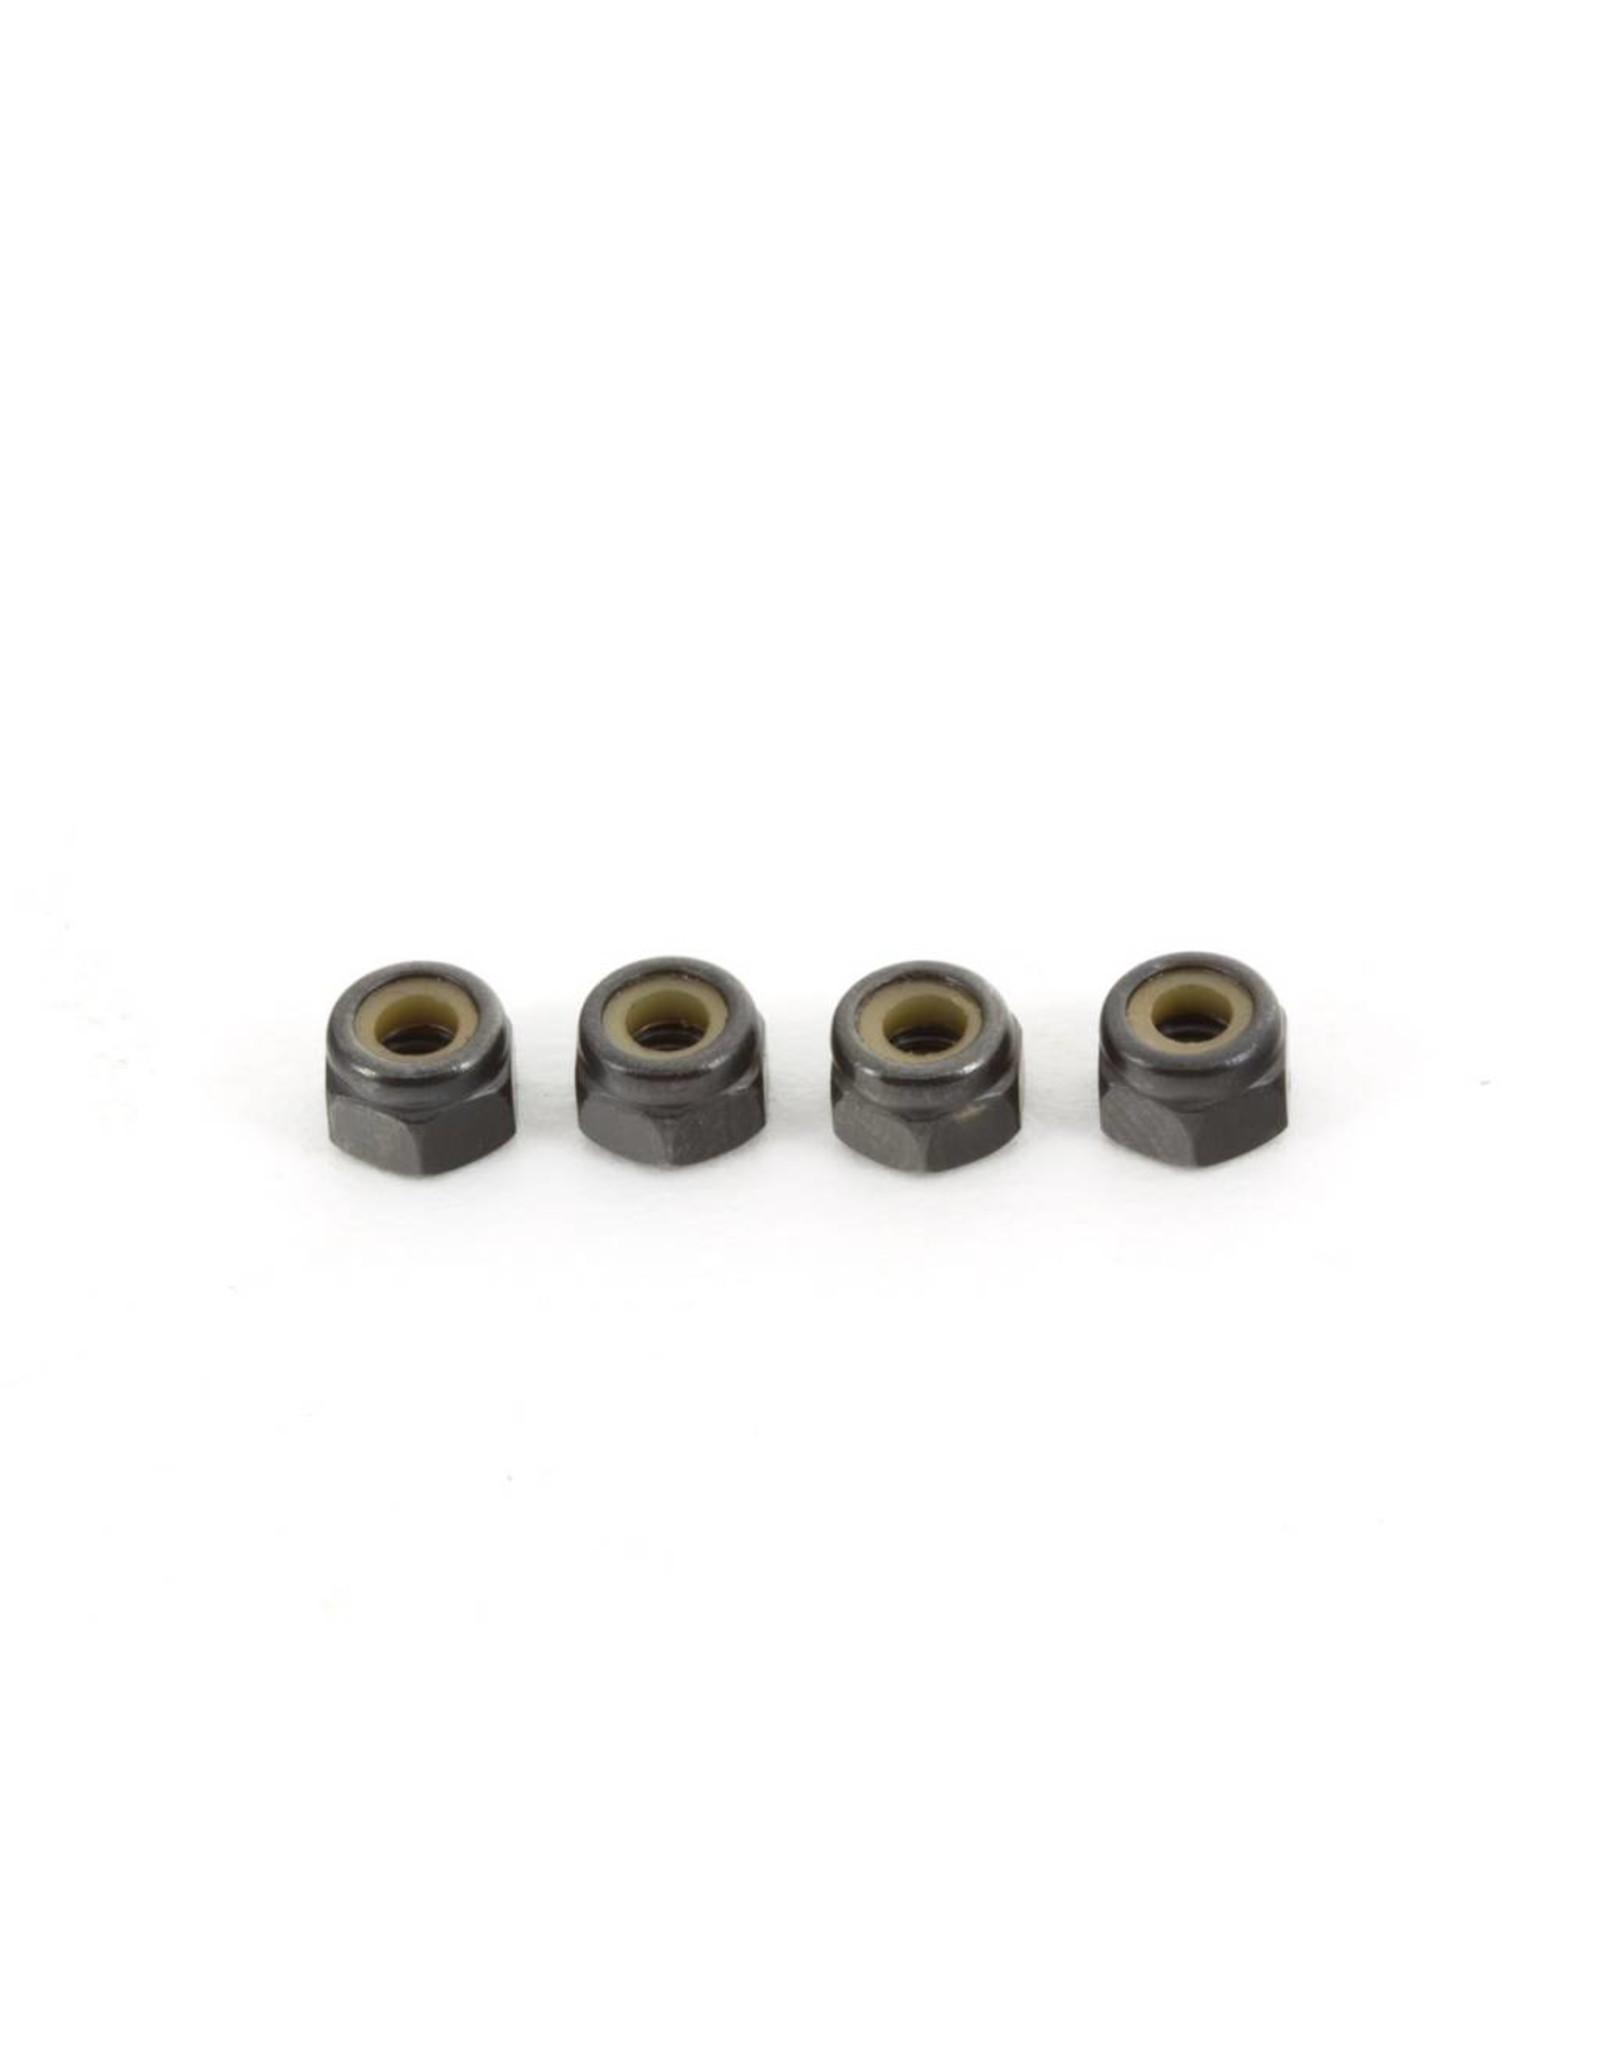 Arrma ARRMA Nut M4 Nylon (4)  (AR715005)